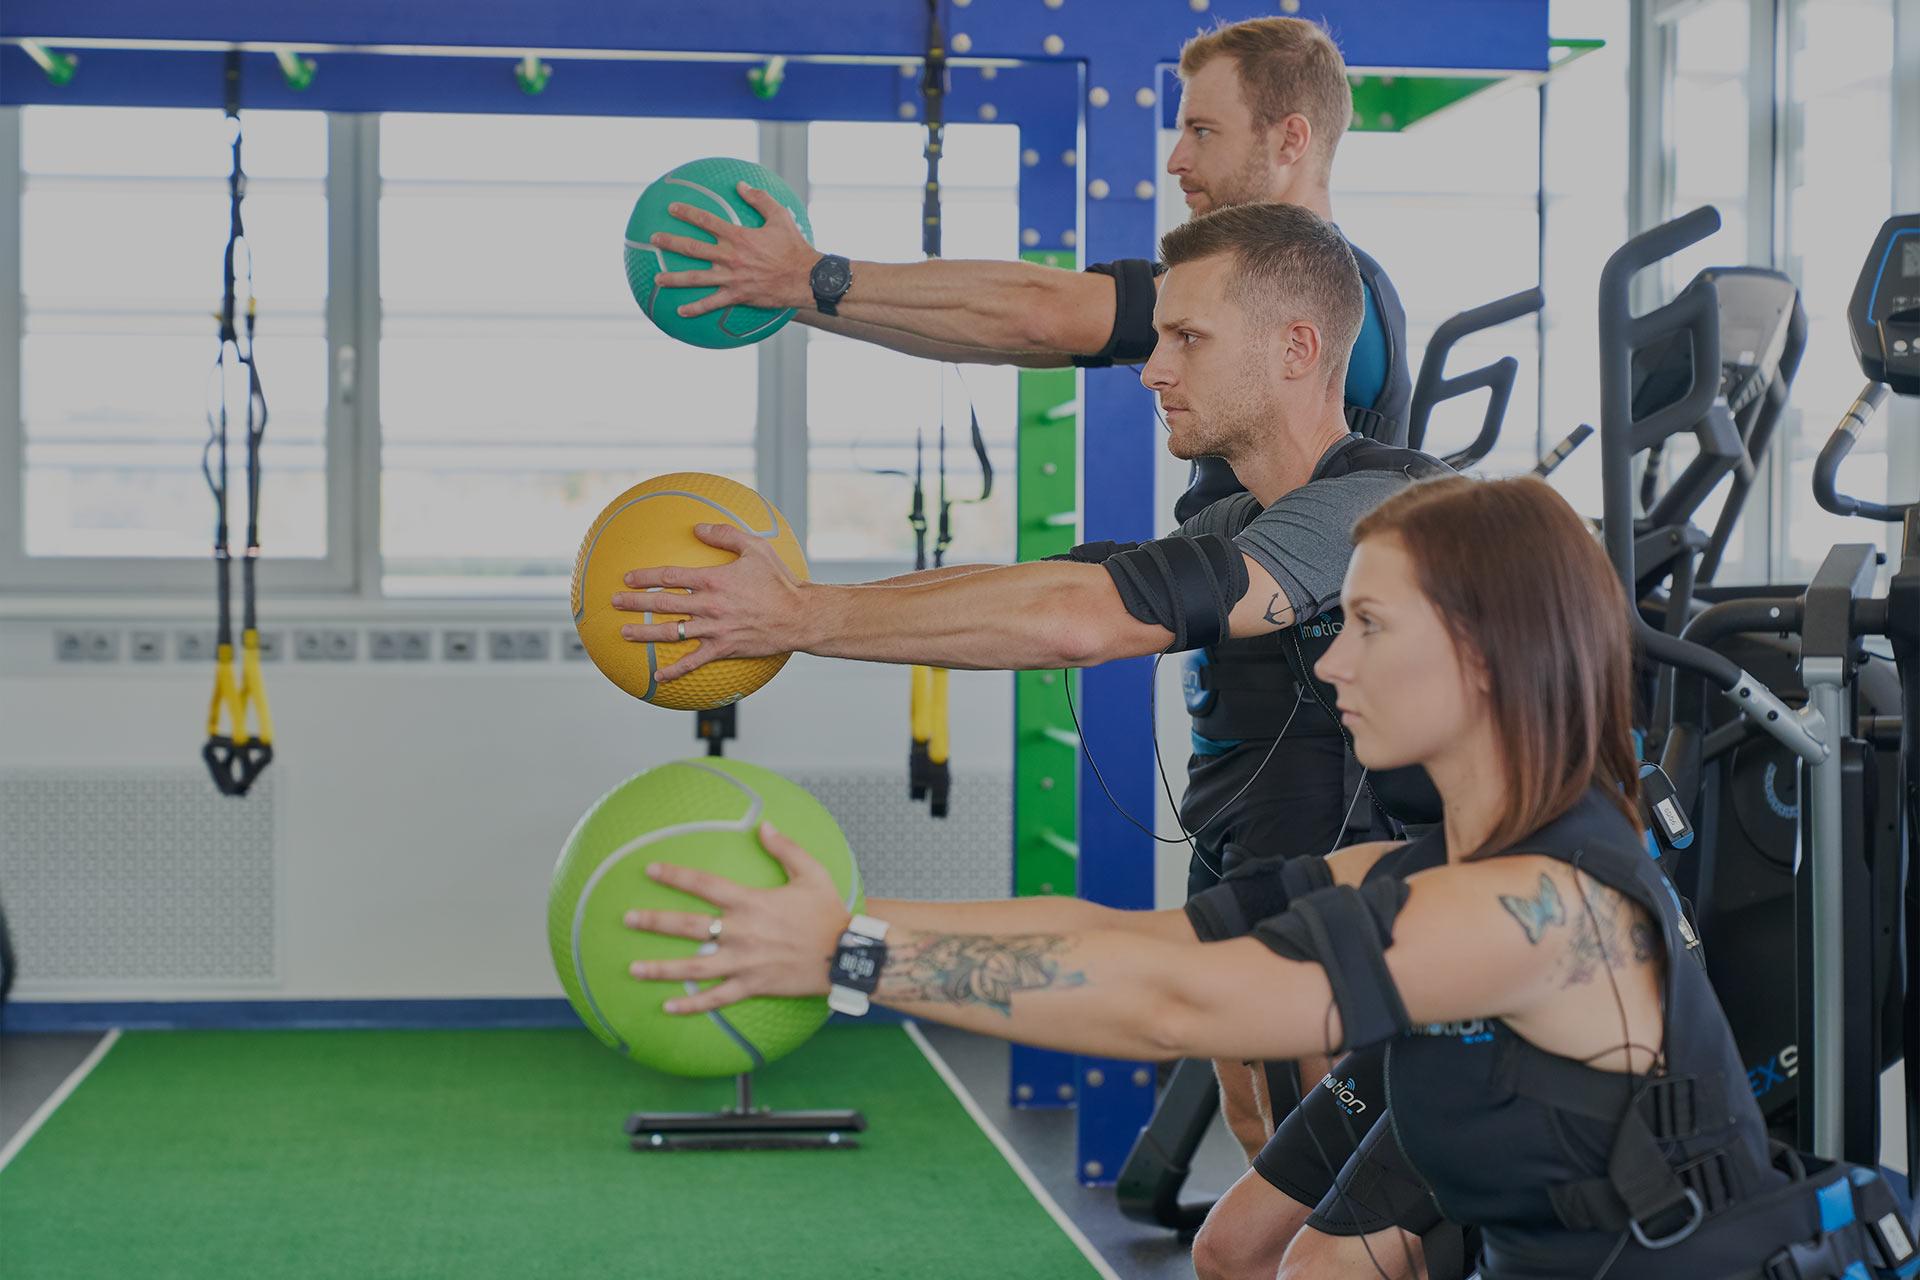 Gruppentraining, Stabilität und Eigenkörpergewicht, HIIT-Training